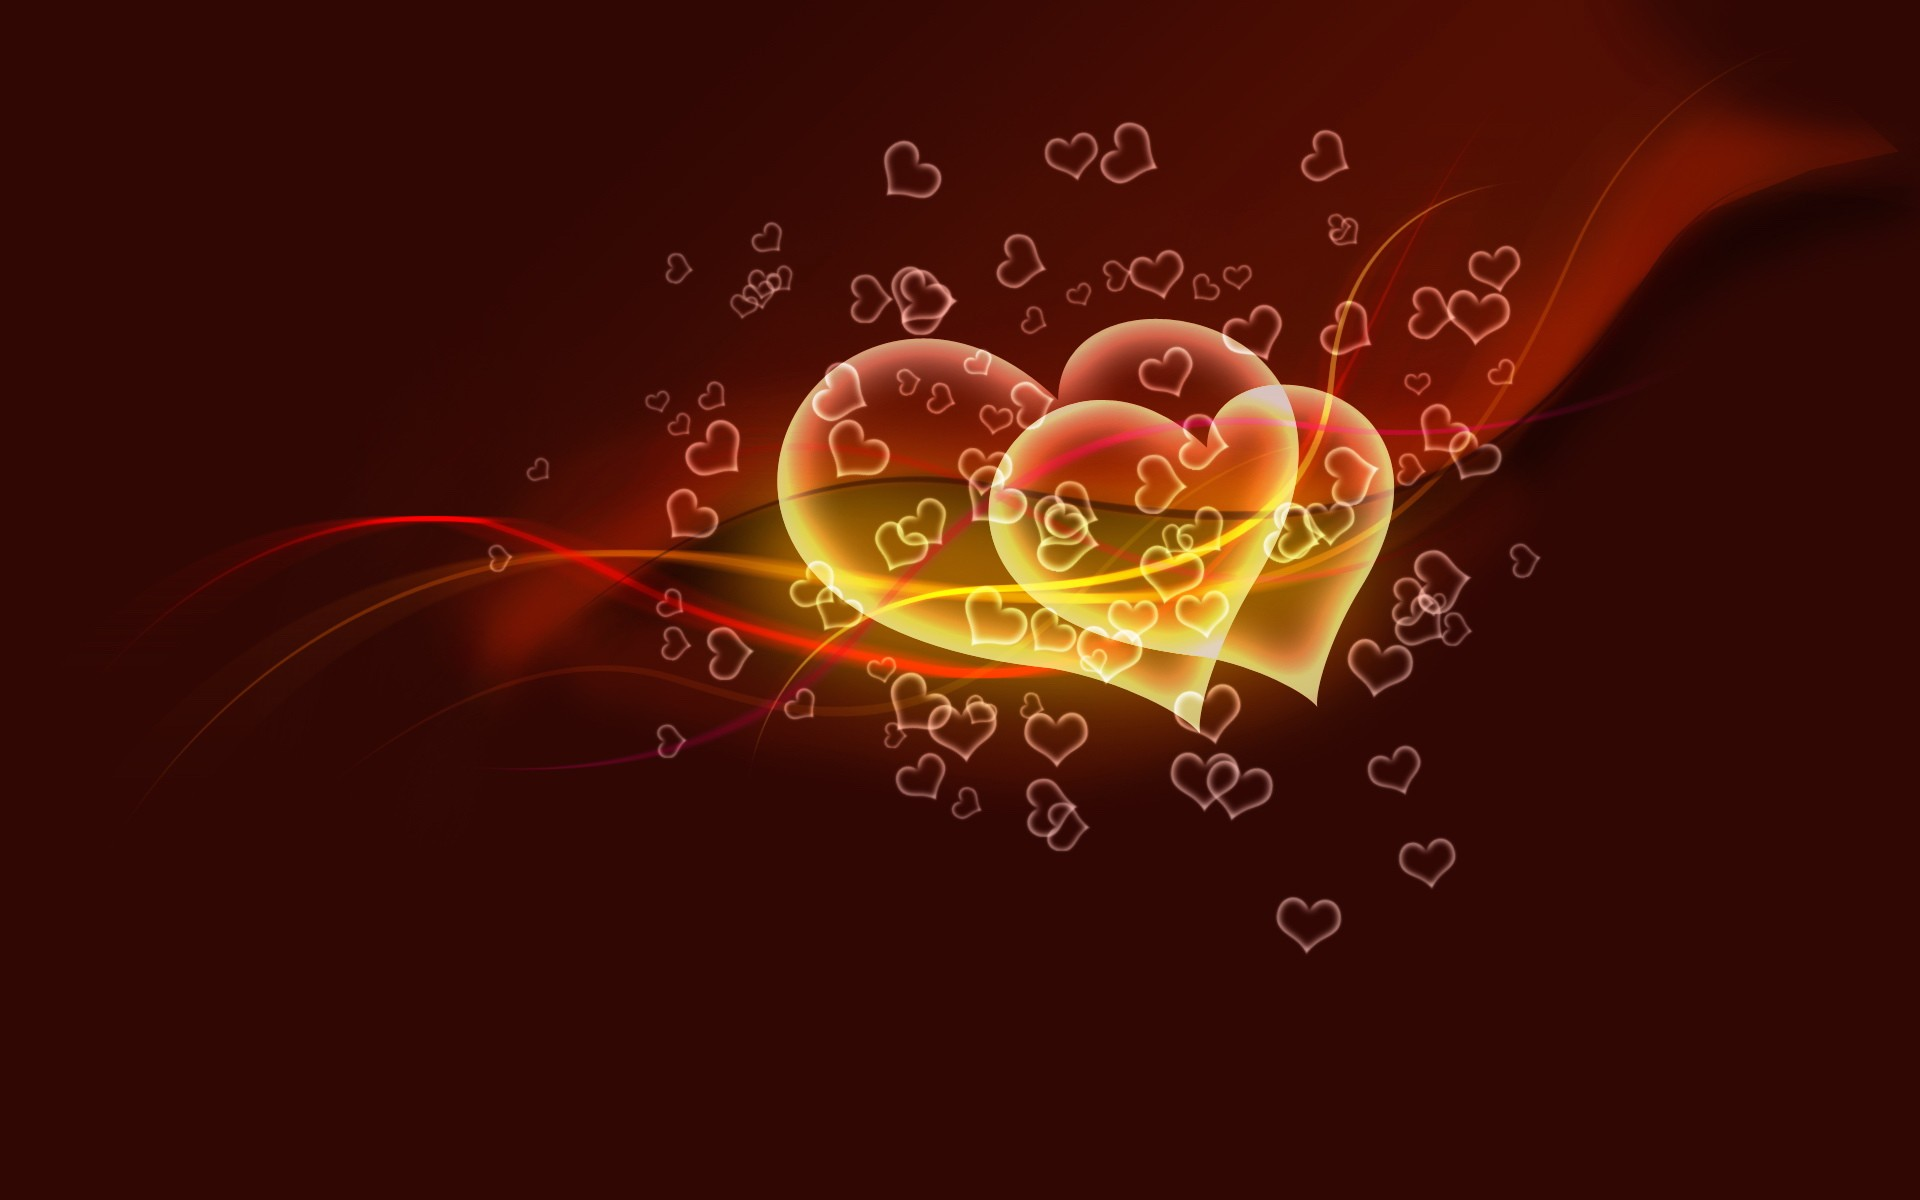 قلوب جميلة 4